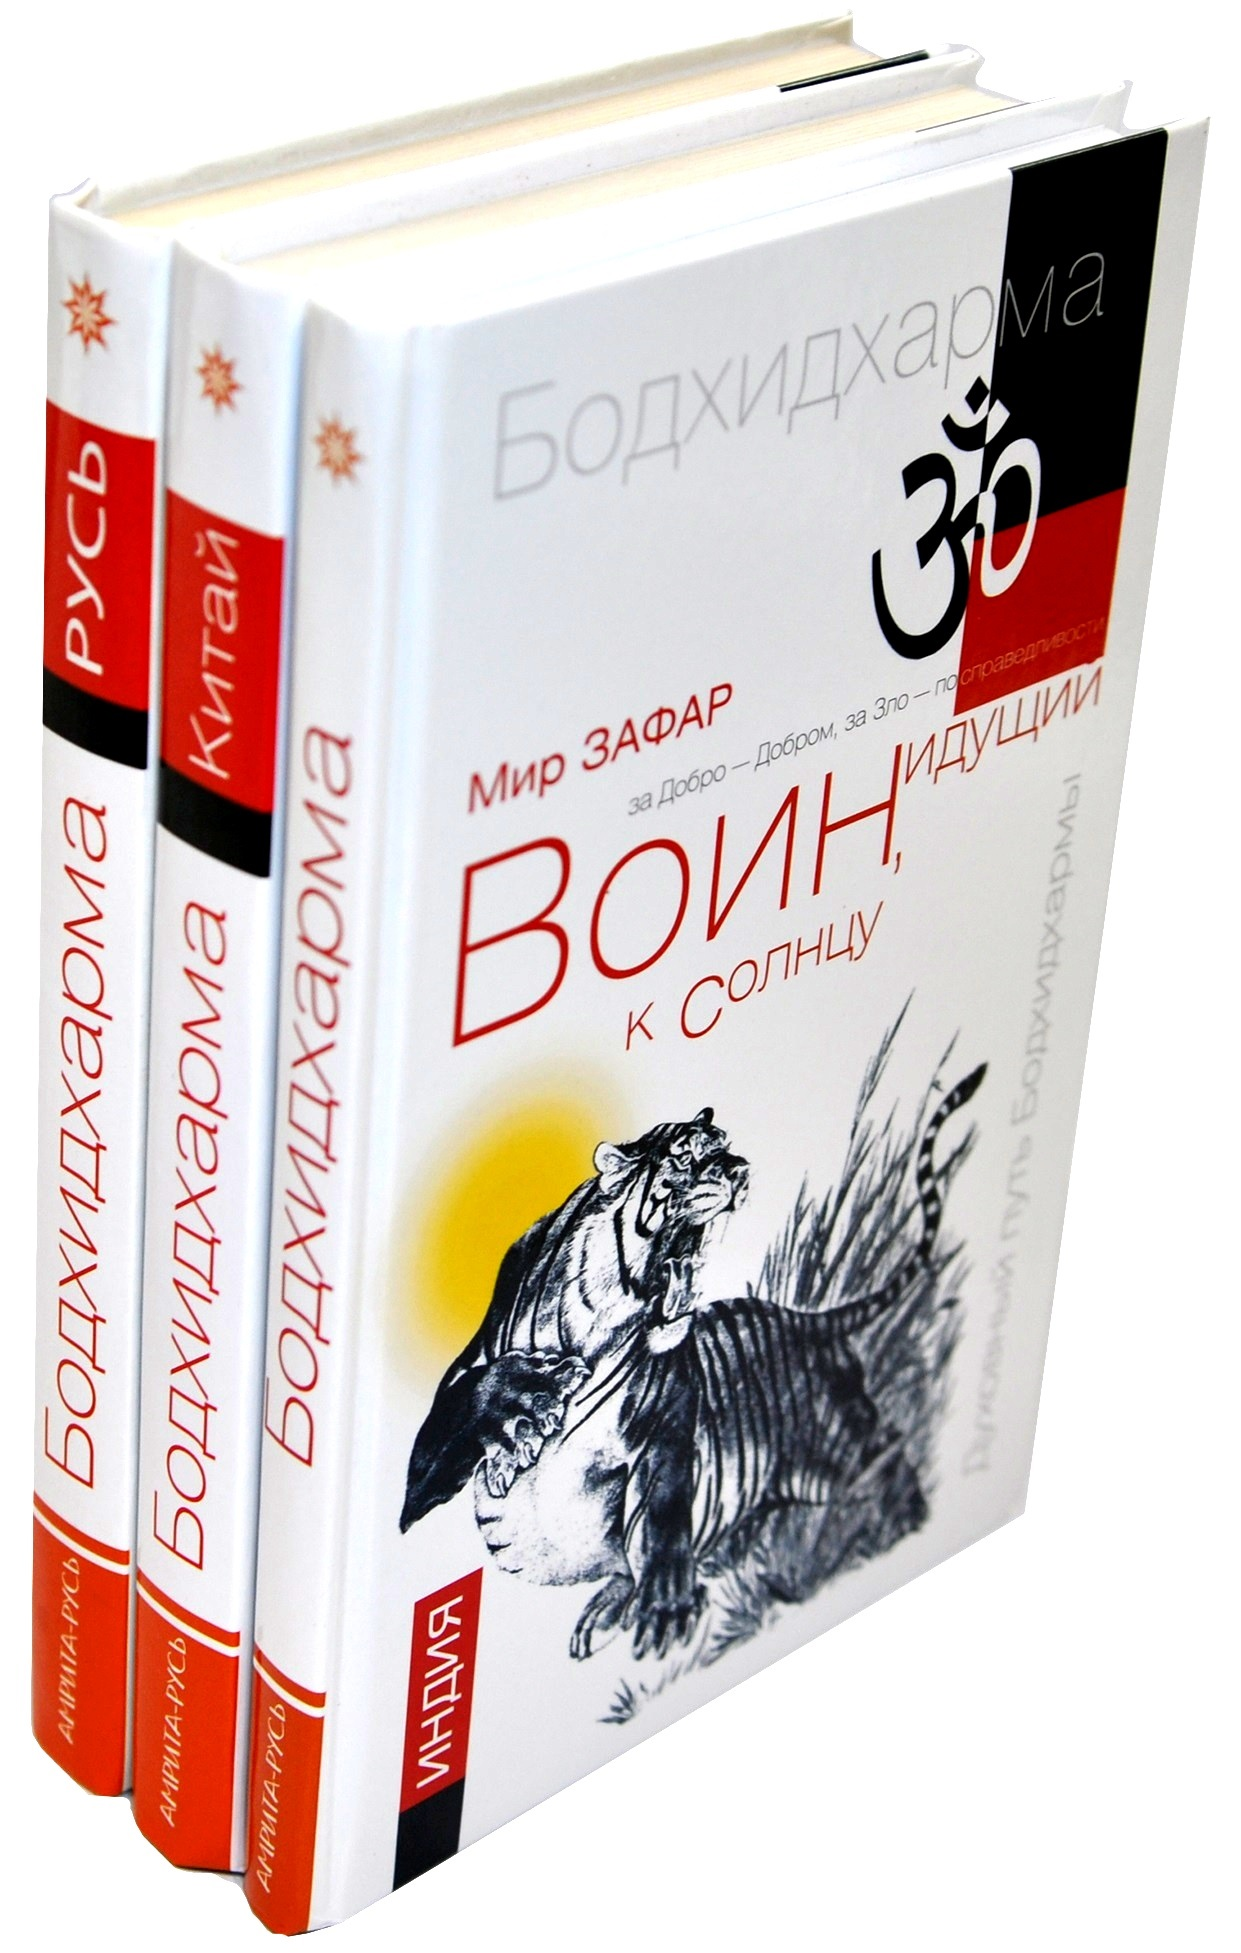 Воин, идущий к солнцу (комплект из 3 книг)